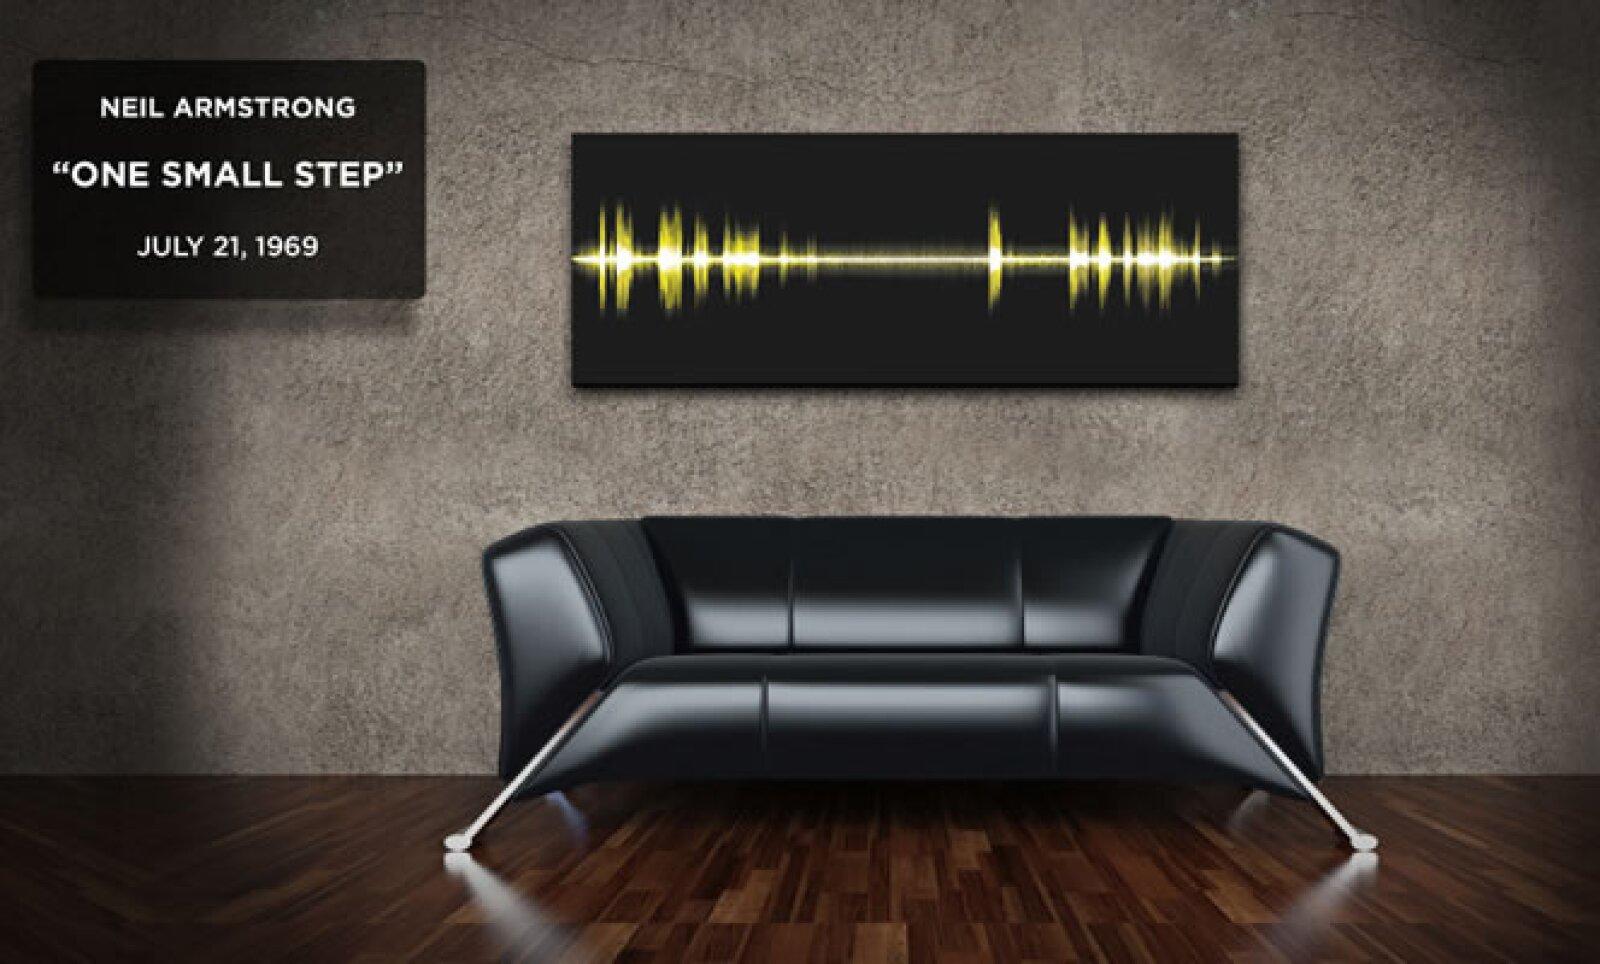 La compañía Epic Frequency captura la frecuencia de discursos famosos y los imprime en pequeñas pinturas.